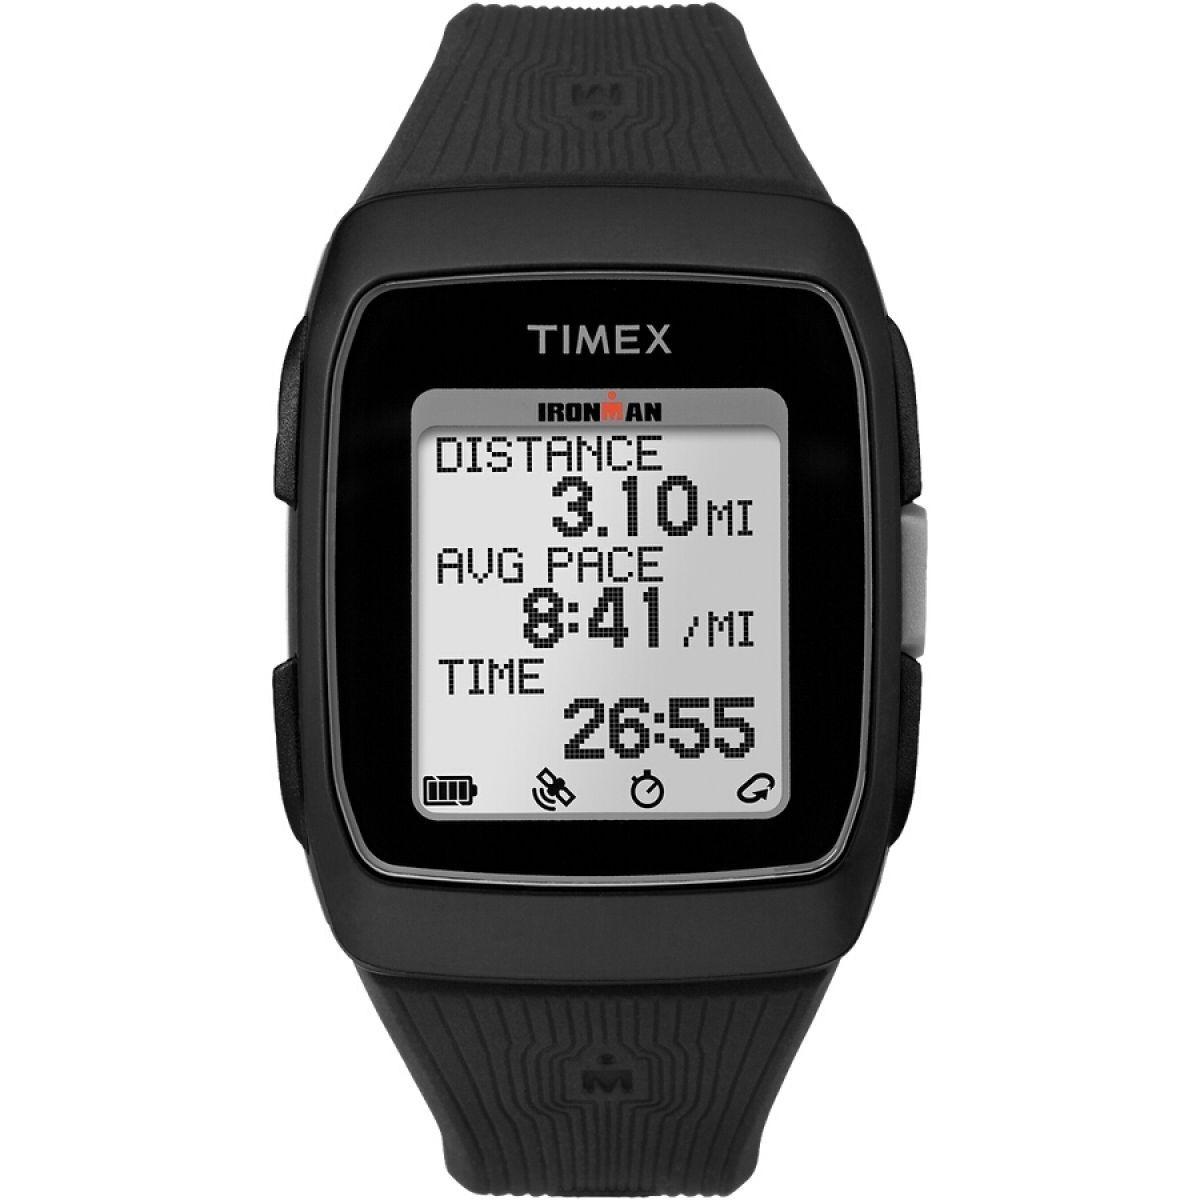 ec9ec8d50e01 reloj timex ironman gps tw5m11700 gris negro para caballero. Cargando zoom.